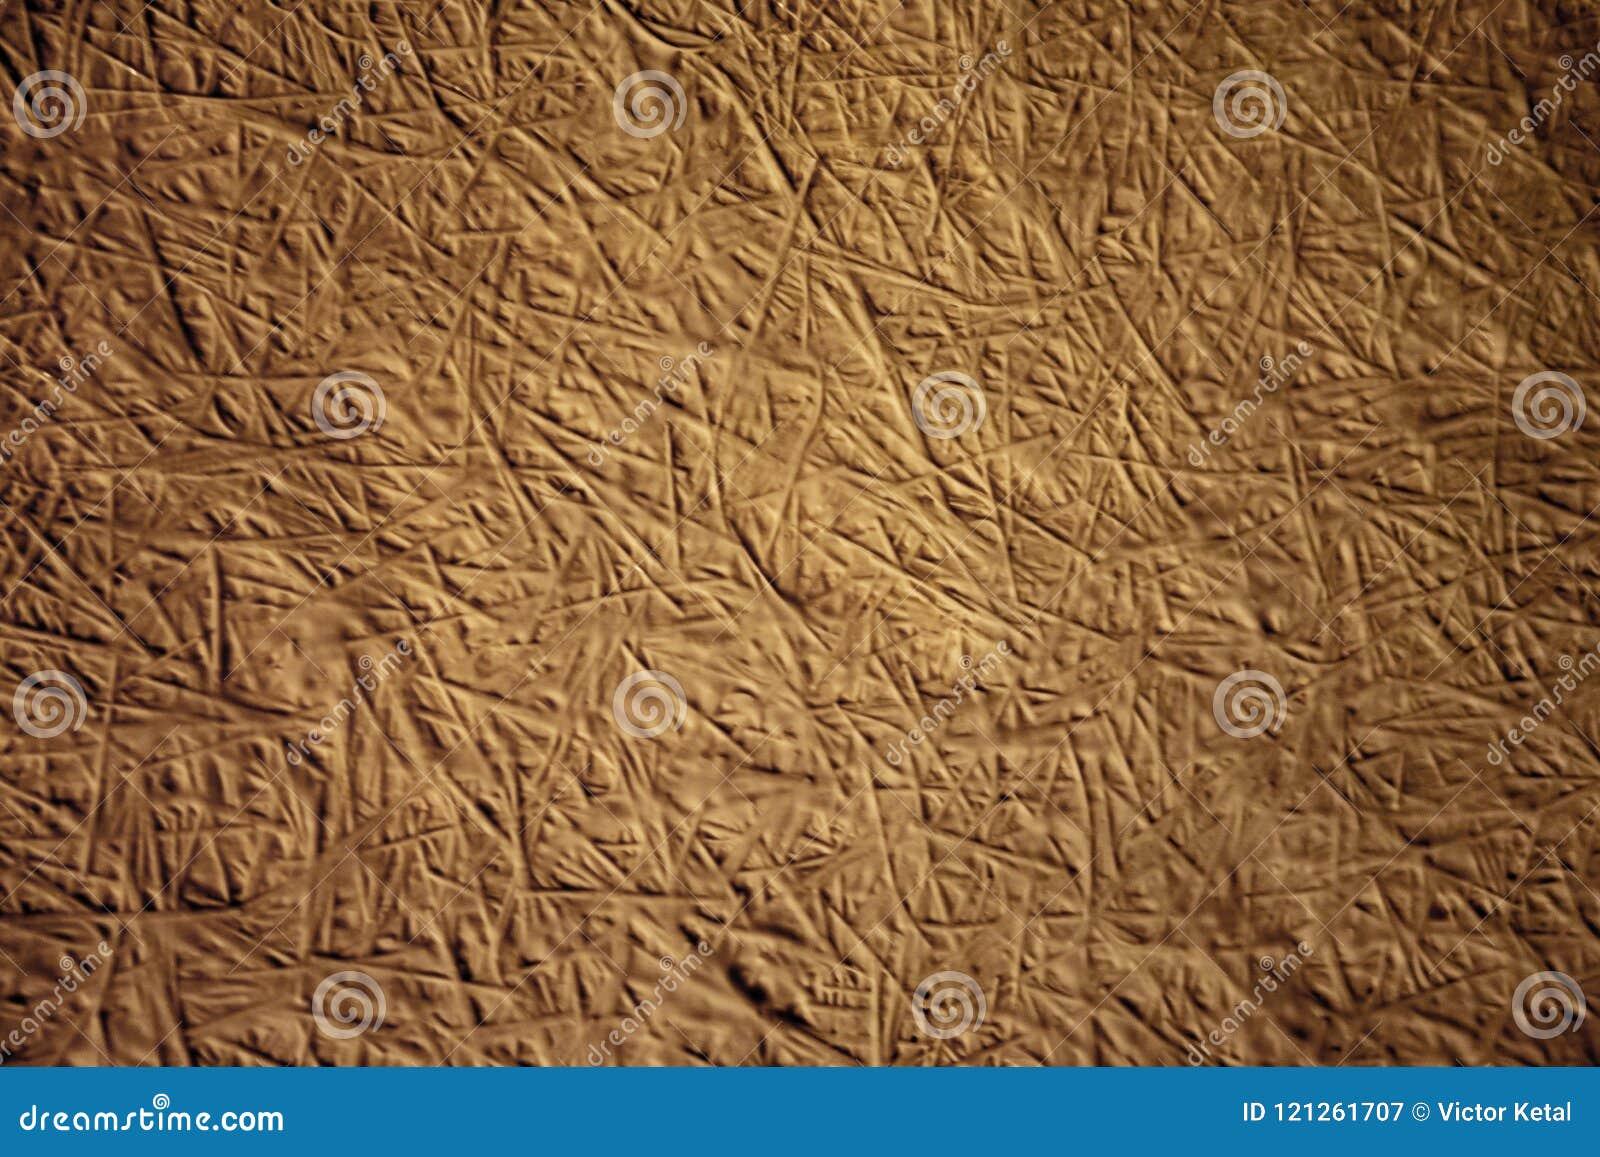 De creatieve achtergrond van glasvezel en epoxyhars is bruin